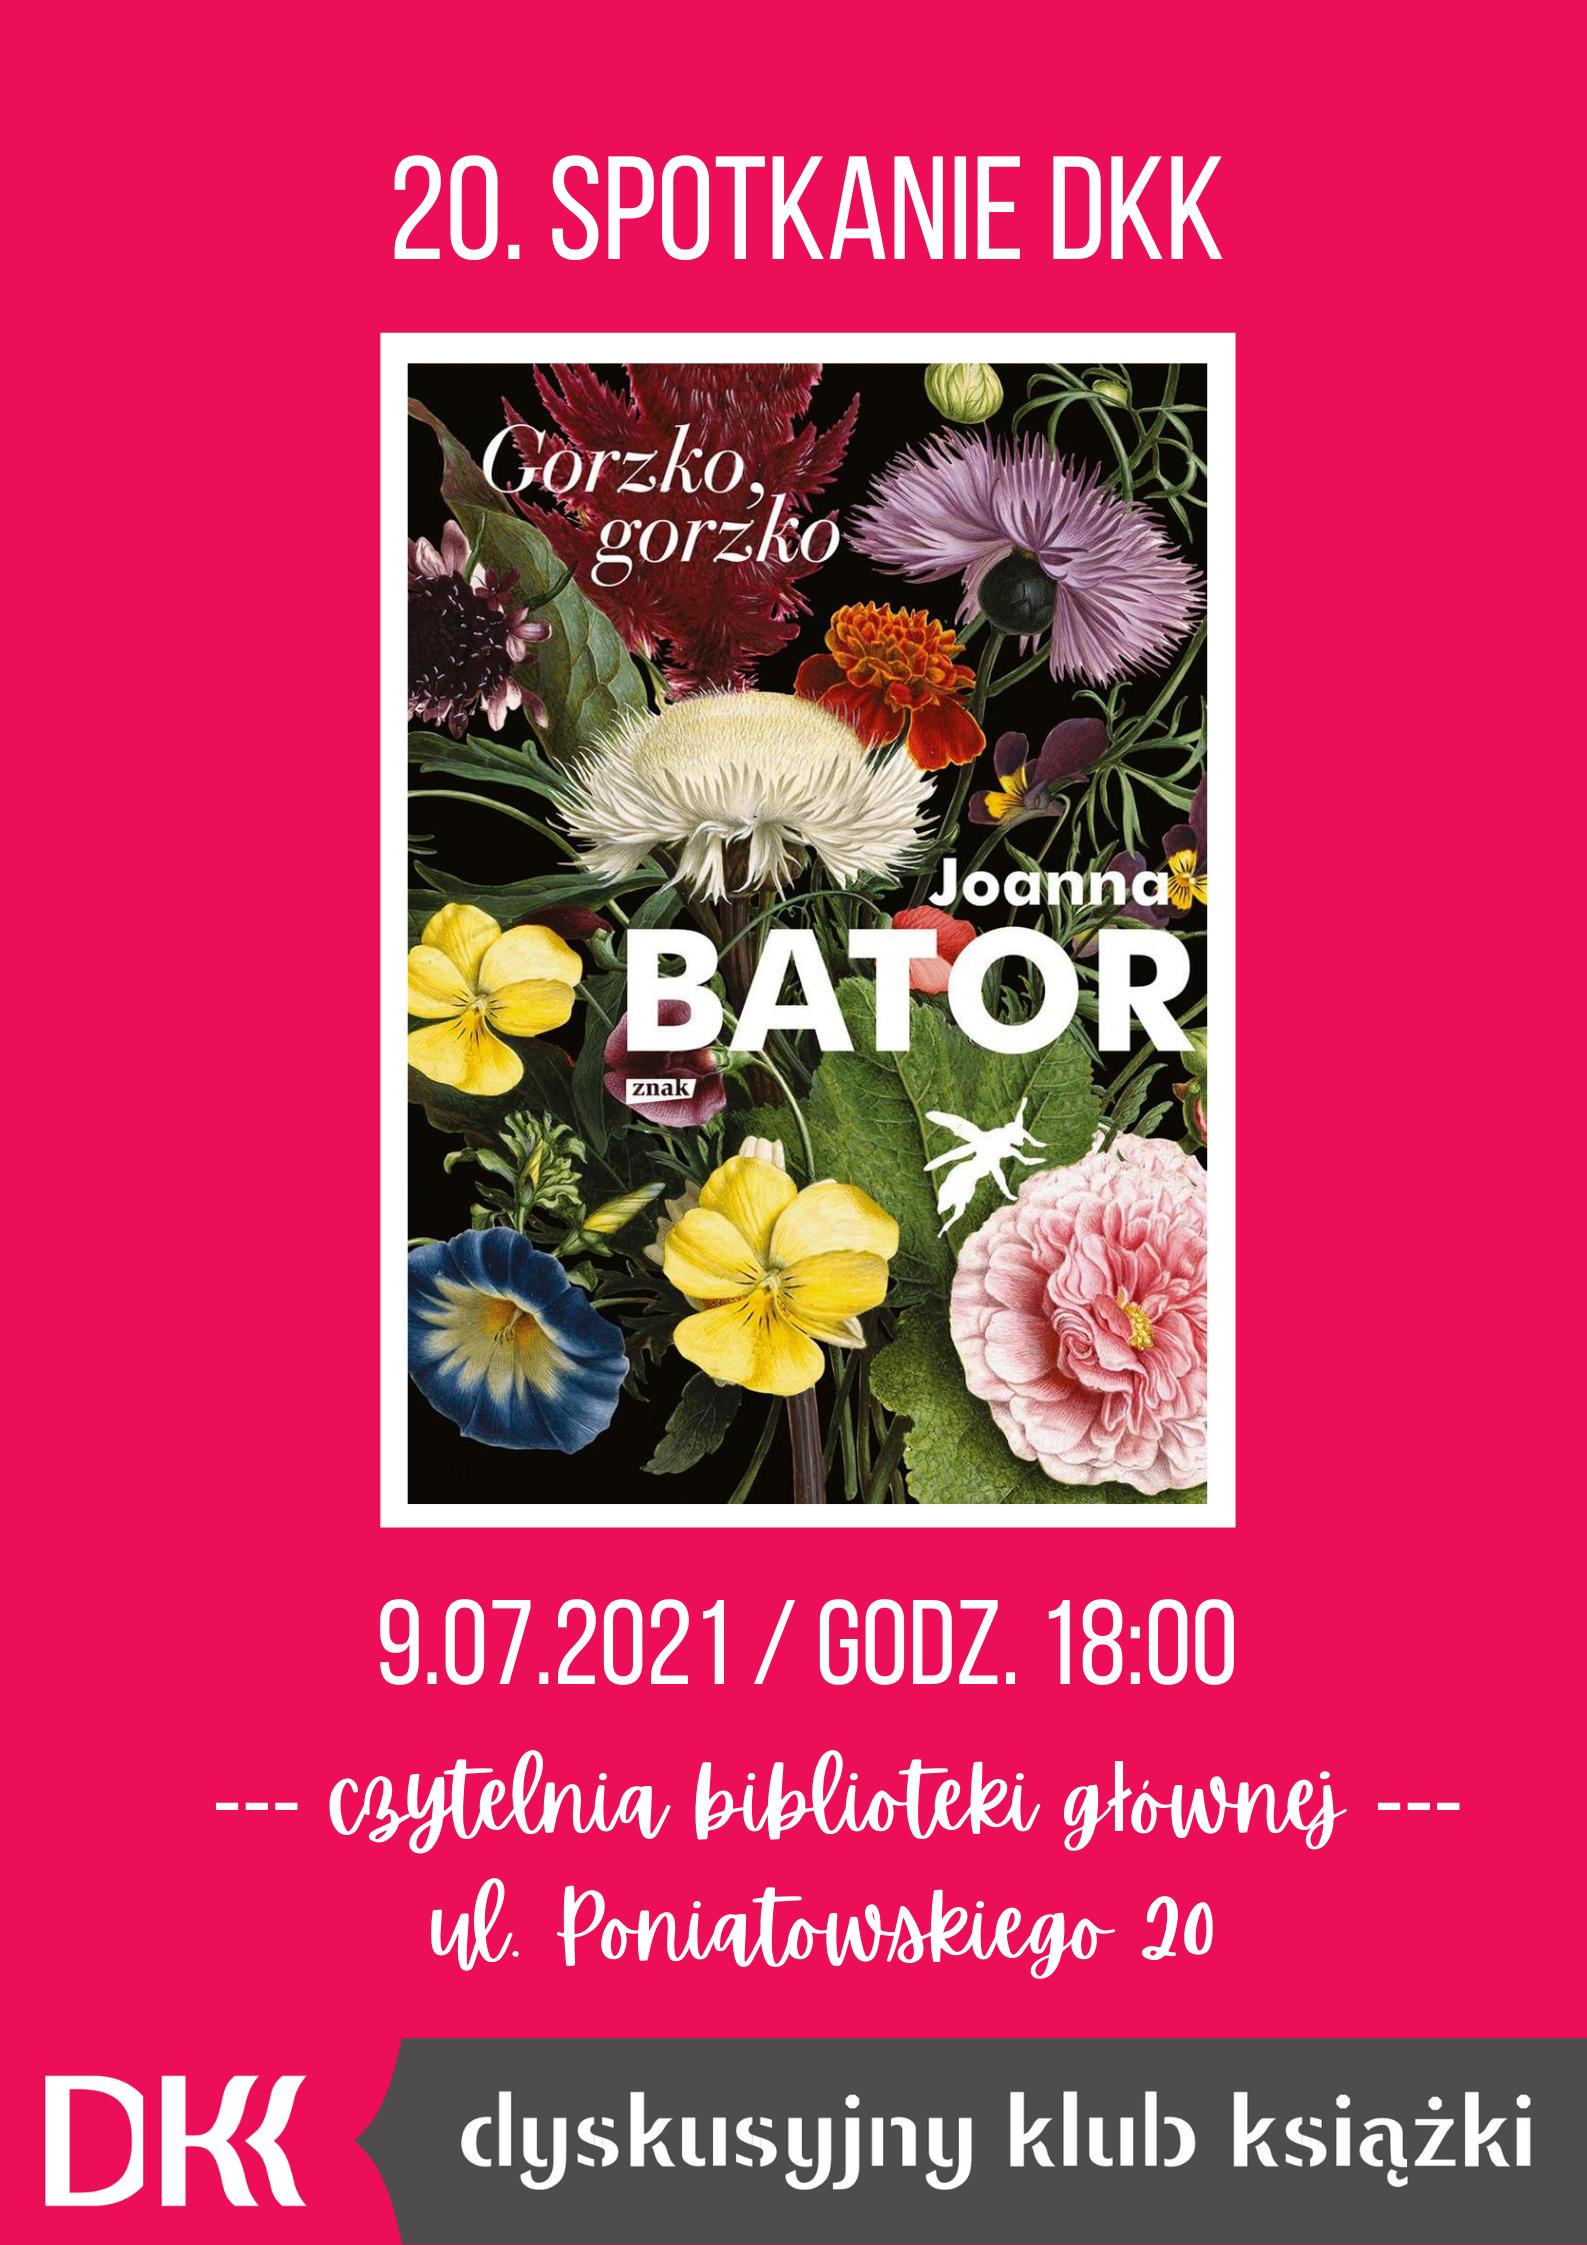 DKK spotkanie 20 - Joanna Bator